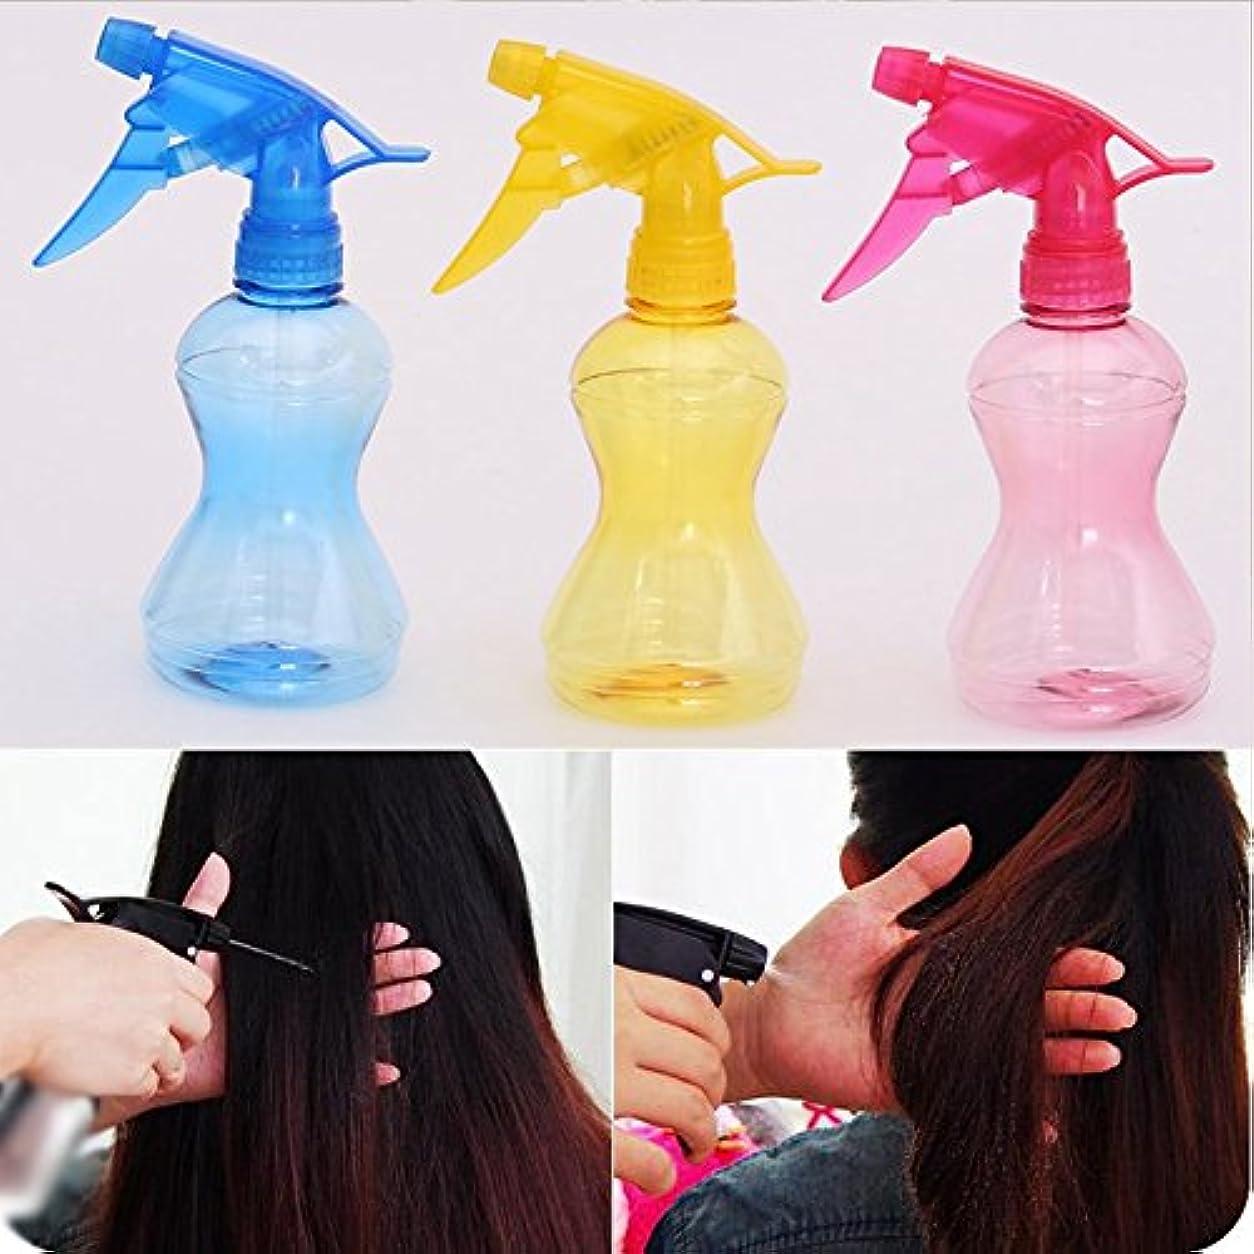 鼻満了属するMsmask 多機能プラスチックスプレーボトルスプレーヤーヘアスプレー300mlランダムカラー